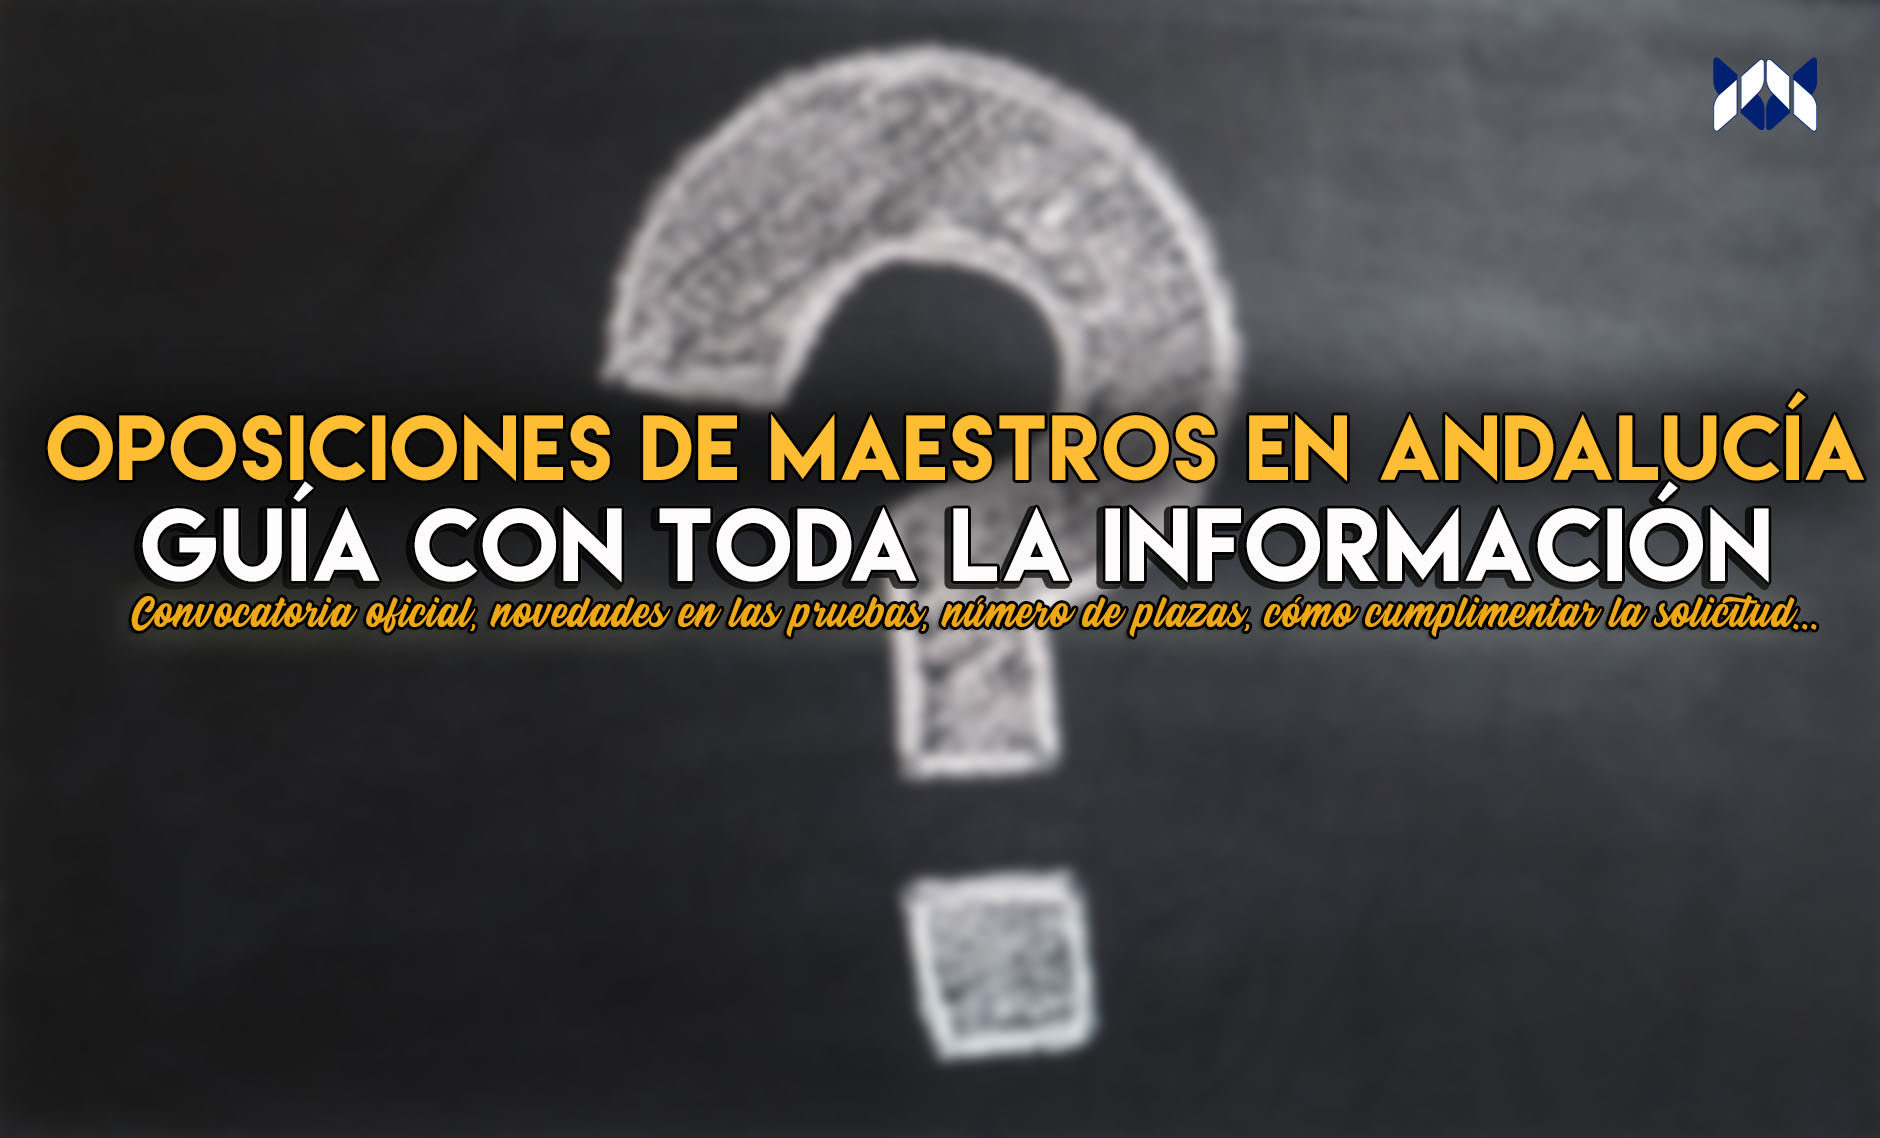 Oposiciones de maestros en Andalucía 2019: guía con toda la información